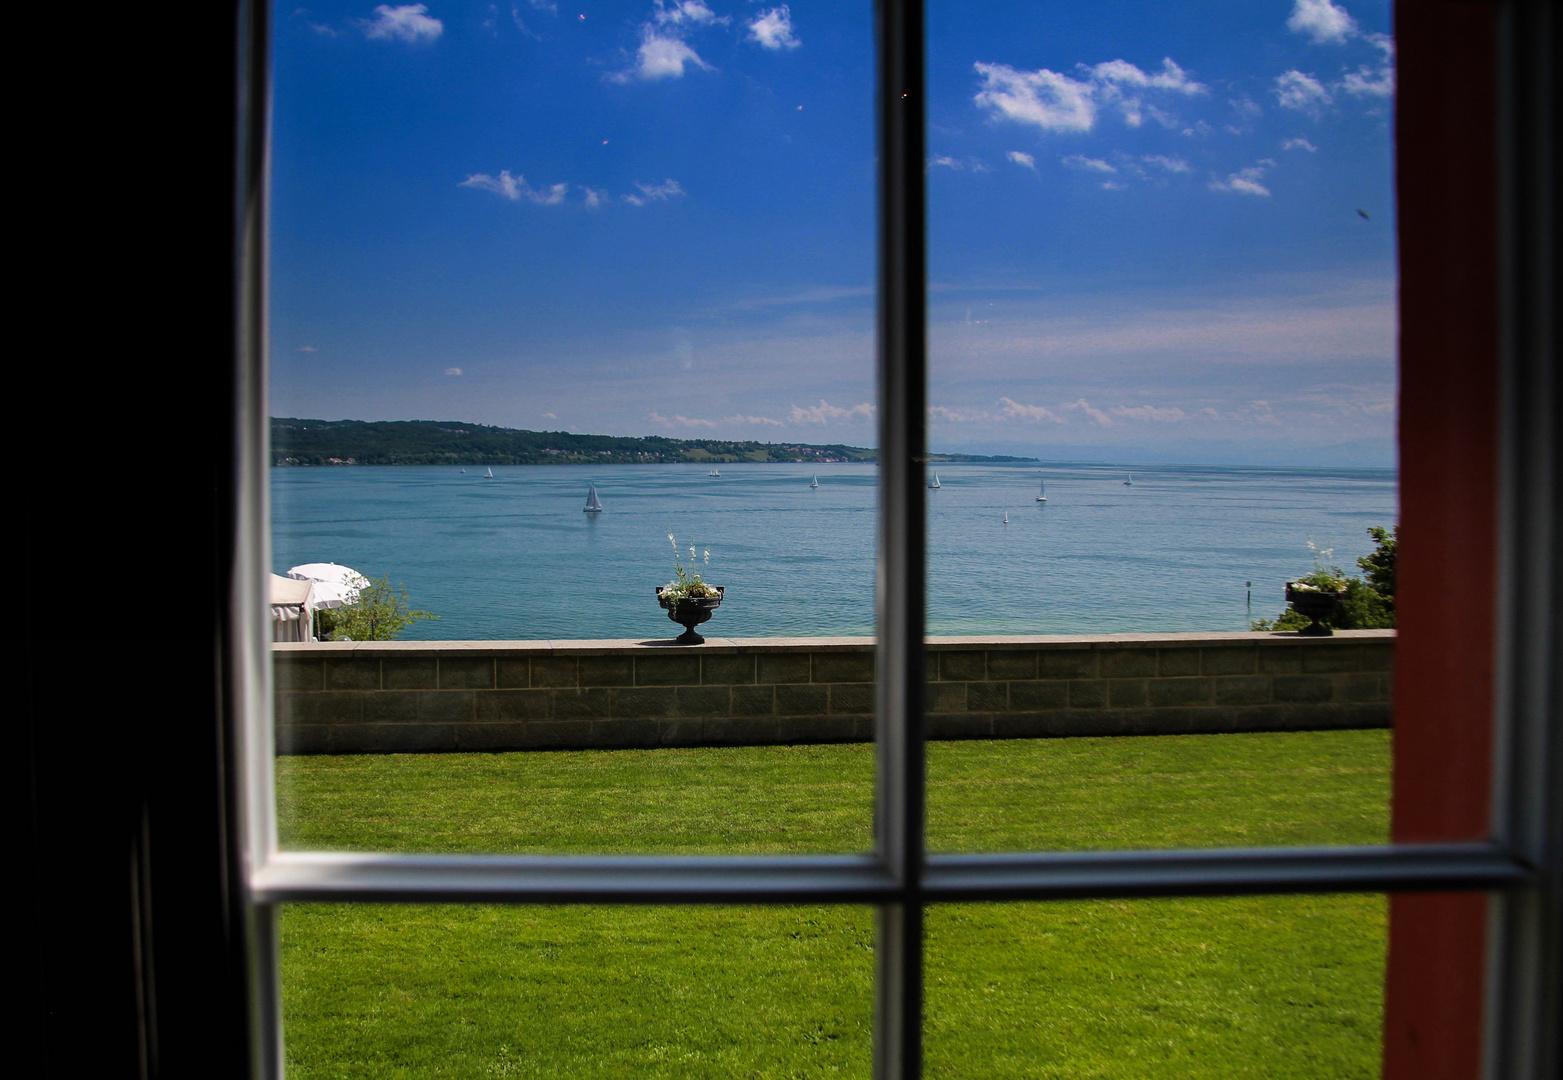 ein schöner Blick aus dem Fenster